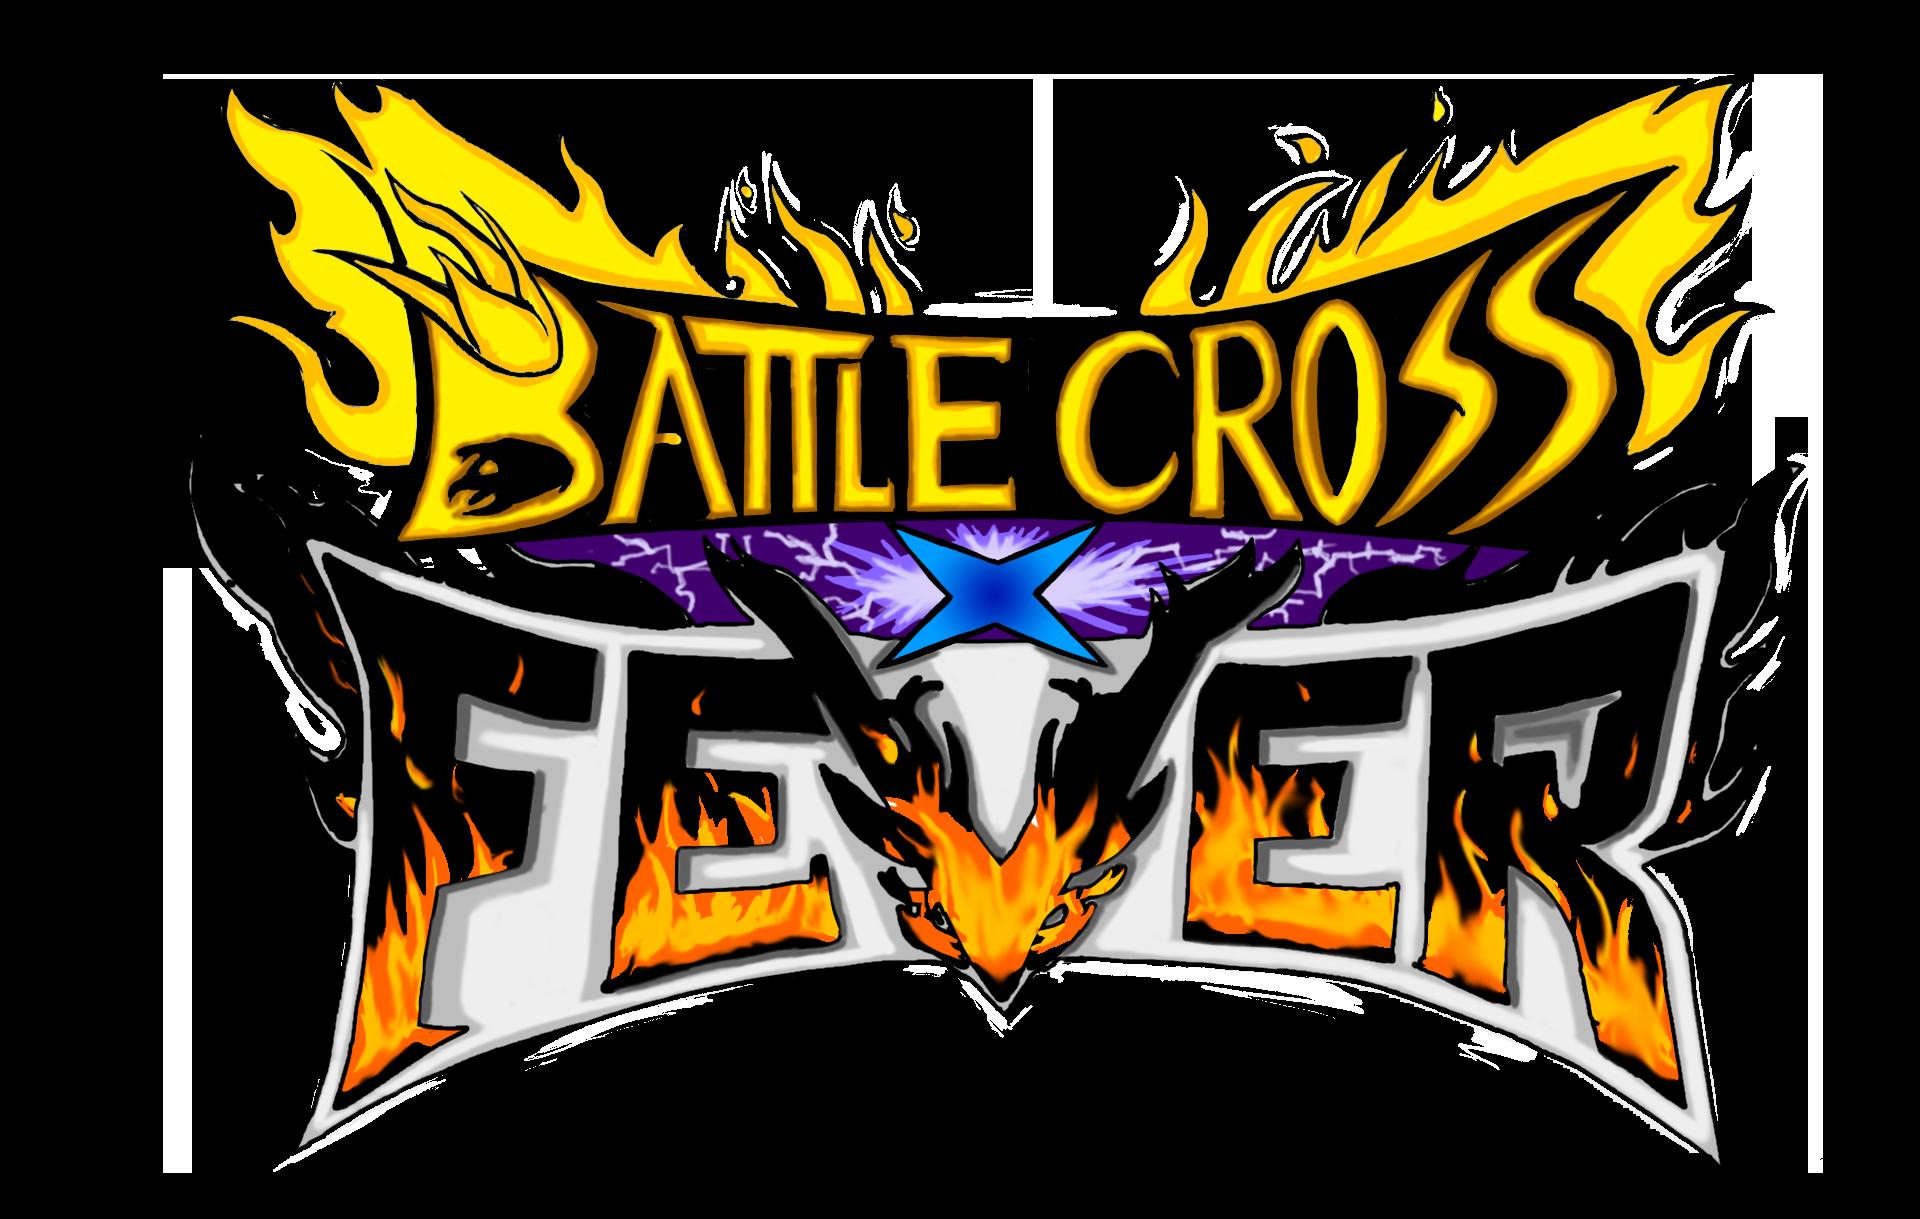 battlecross fever logo(1).png